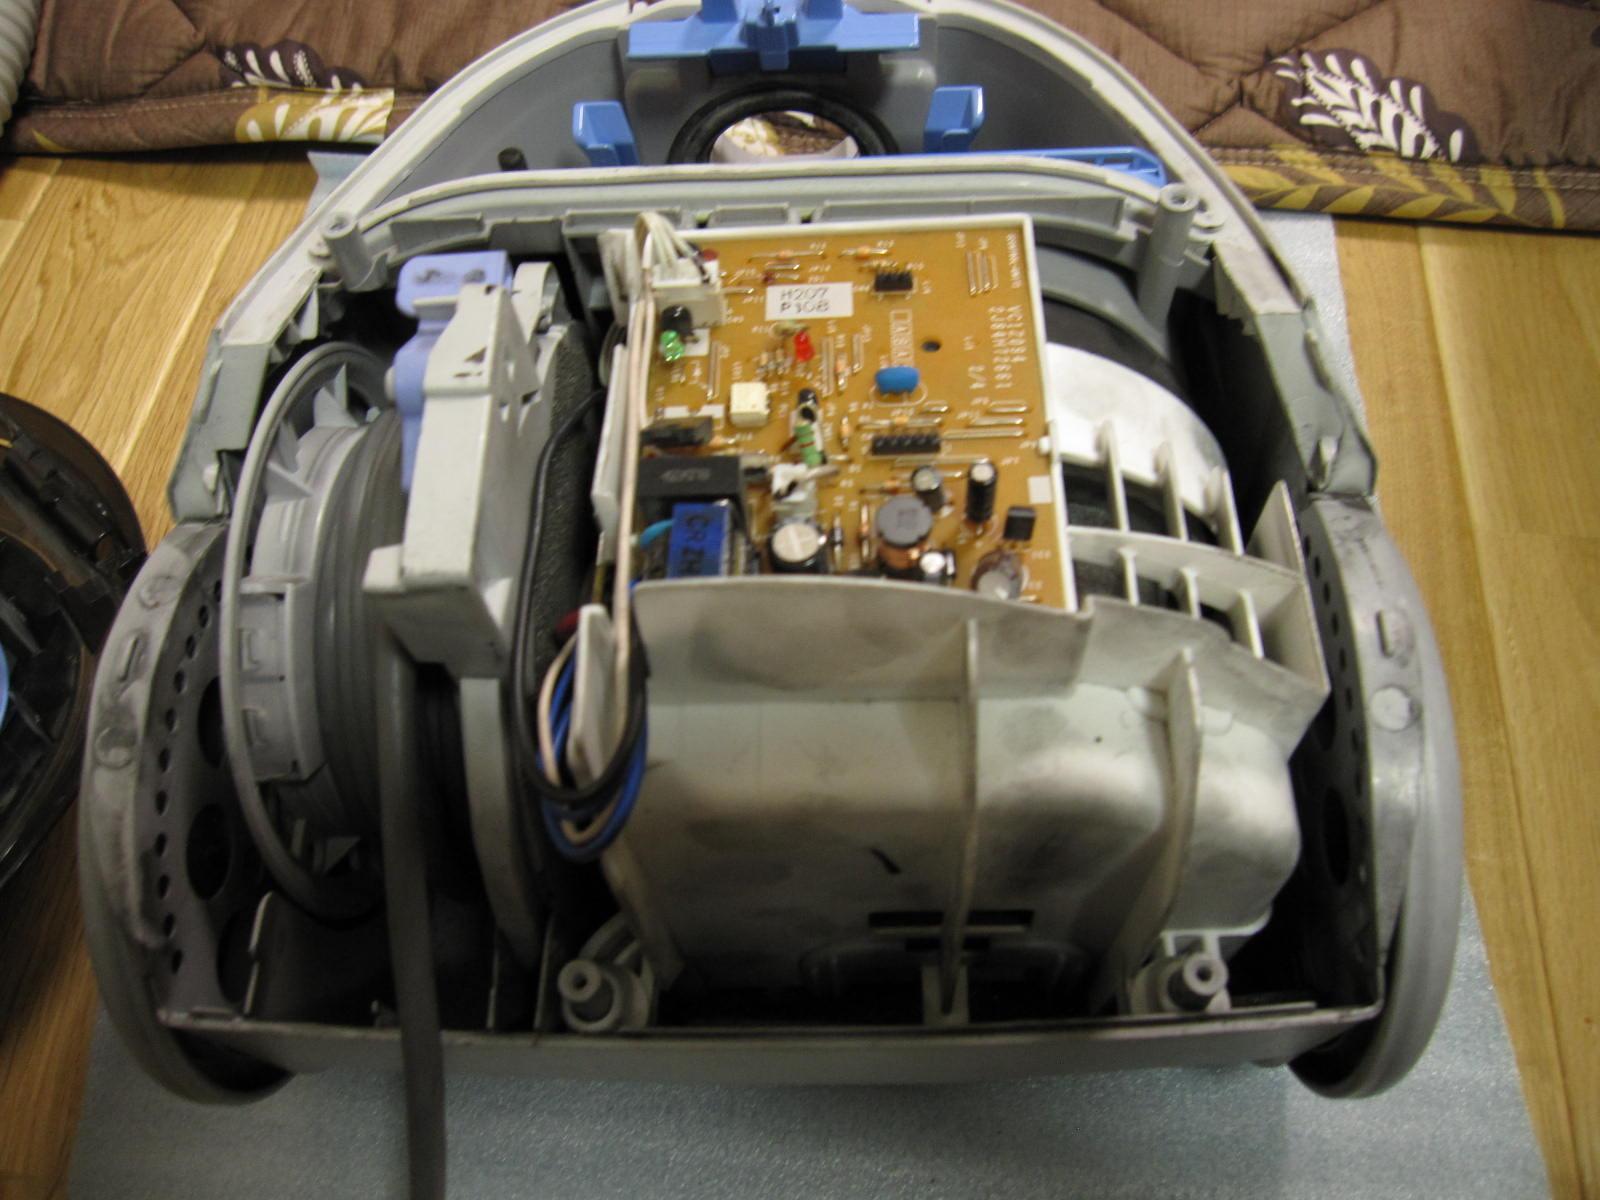 ヮンコRの車内掃除に使うかも??知れない焦げ臭い家庭用掃除機のモーターブラシを交換してみたよwその①